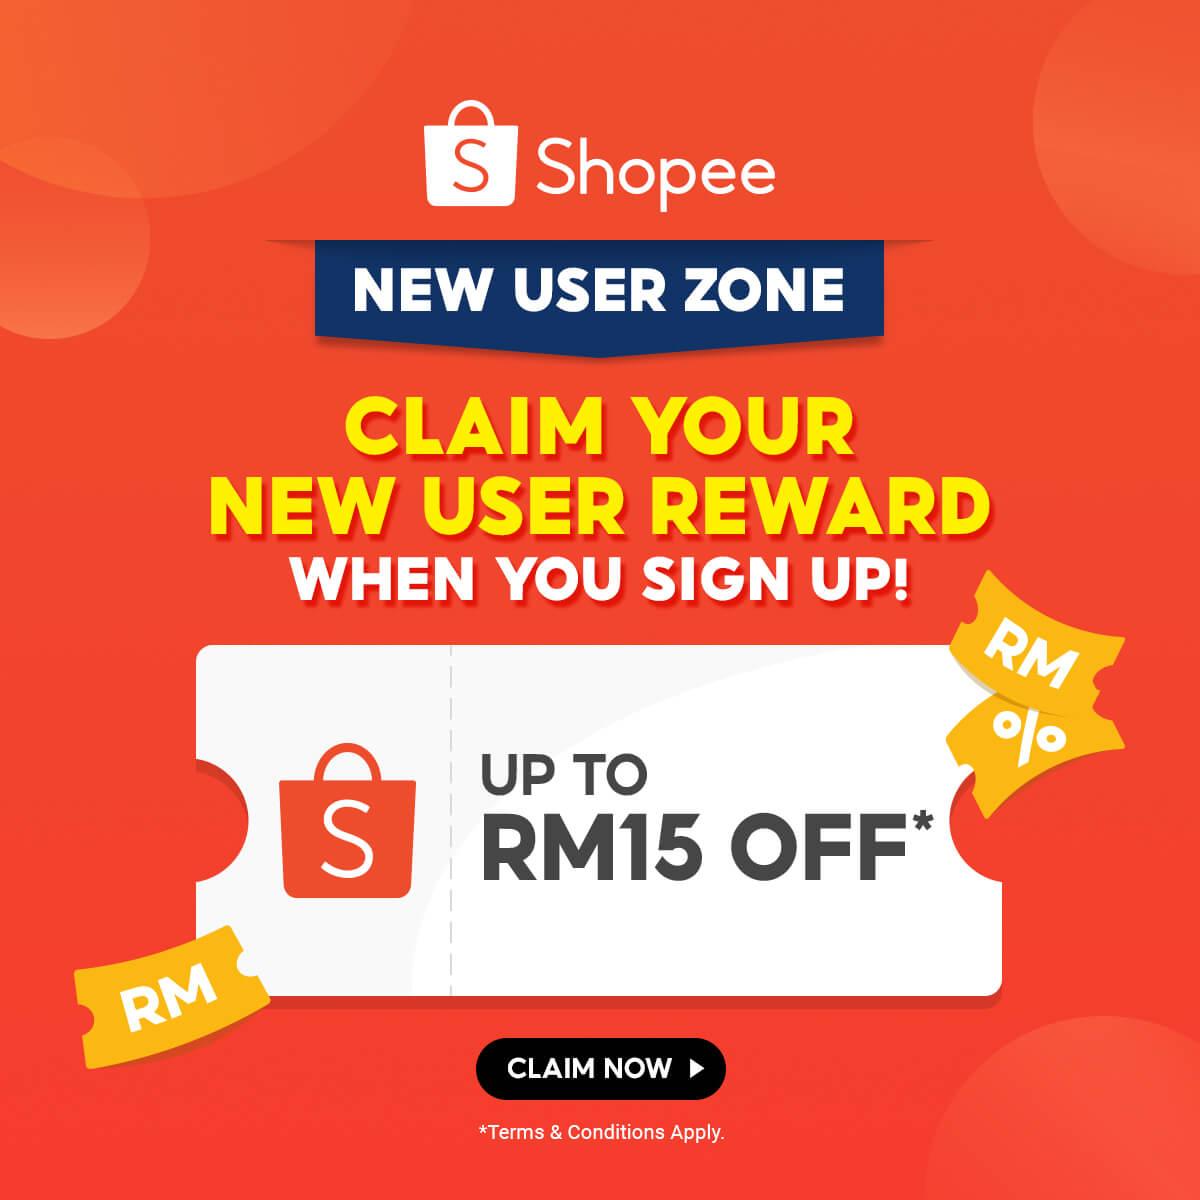 Shopee New User Zone – Square